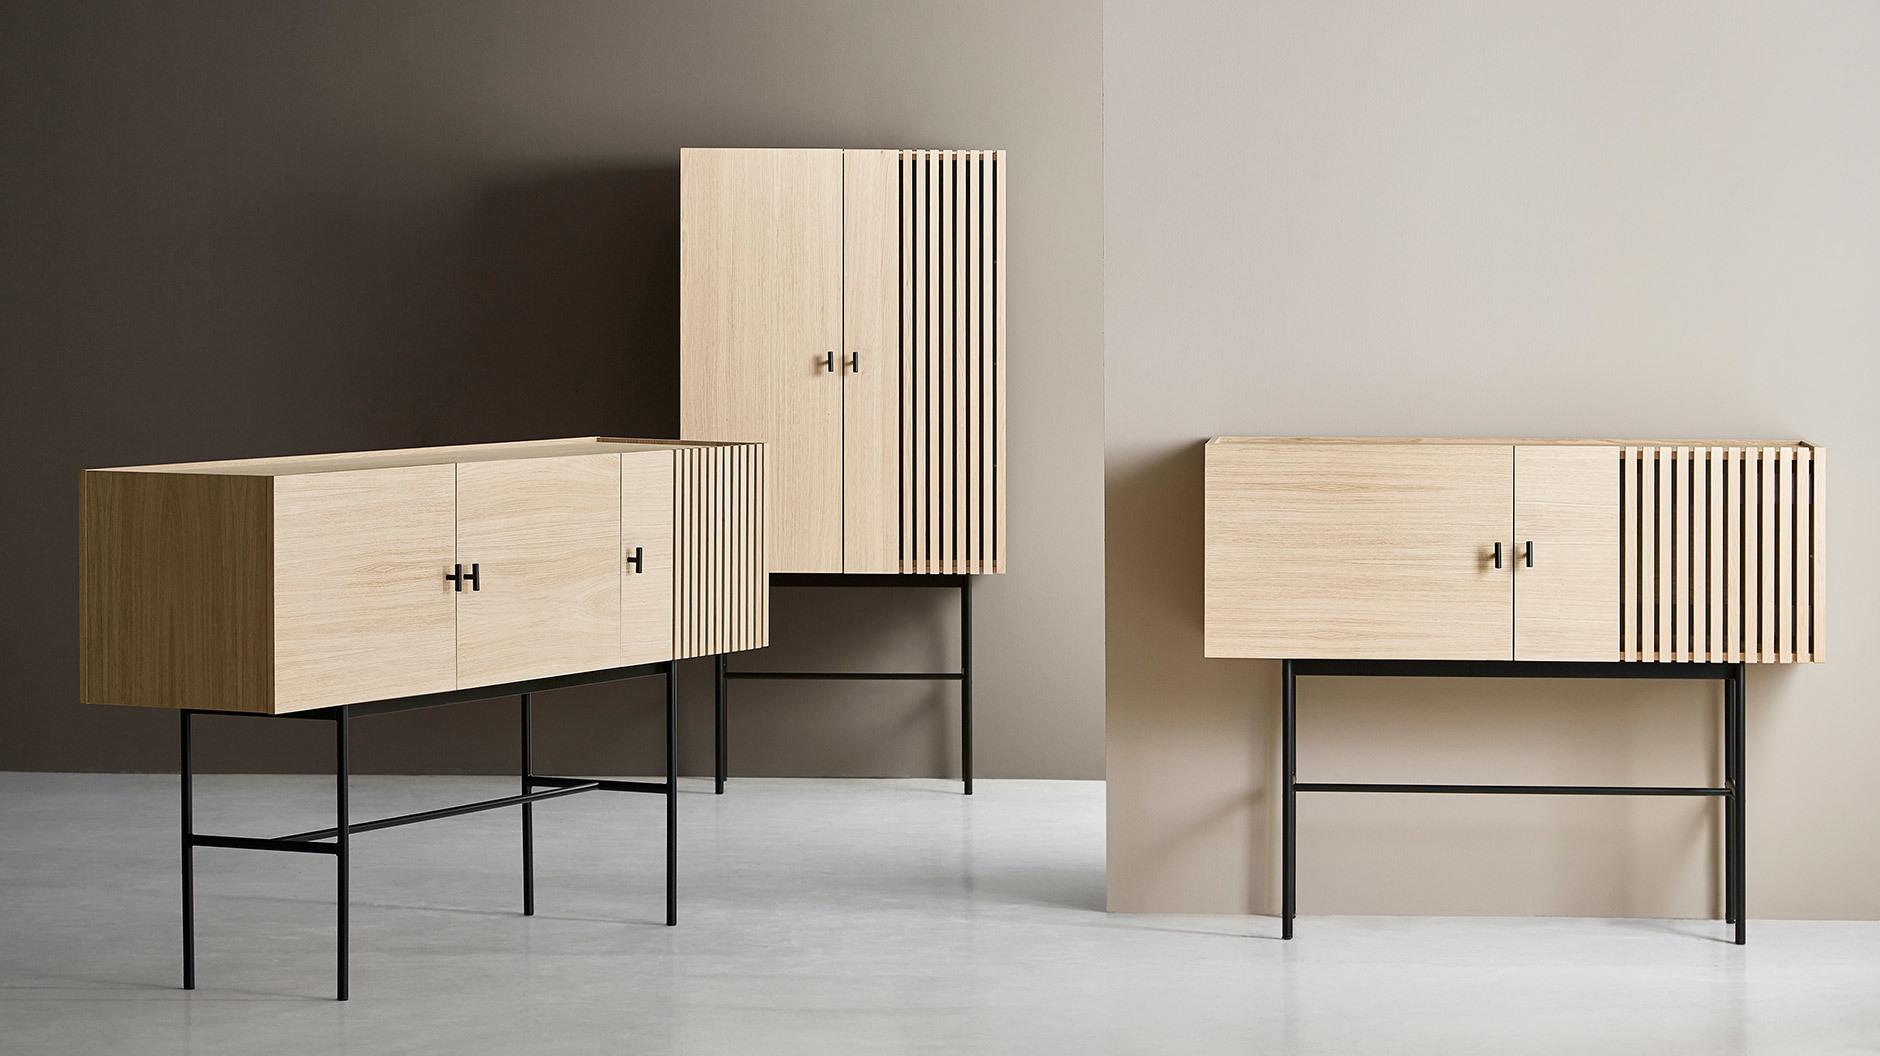 Die Serie Array vom dänischen Hersteller Woud zeigt seine architektonischen Einflüsse durch eine strenge Geometrie und grafische Akzente.